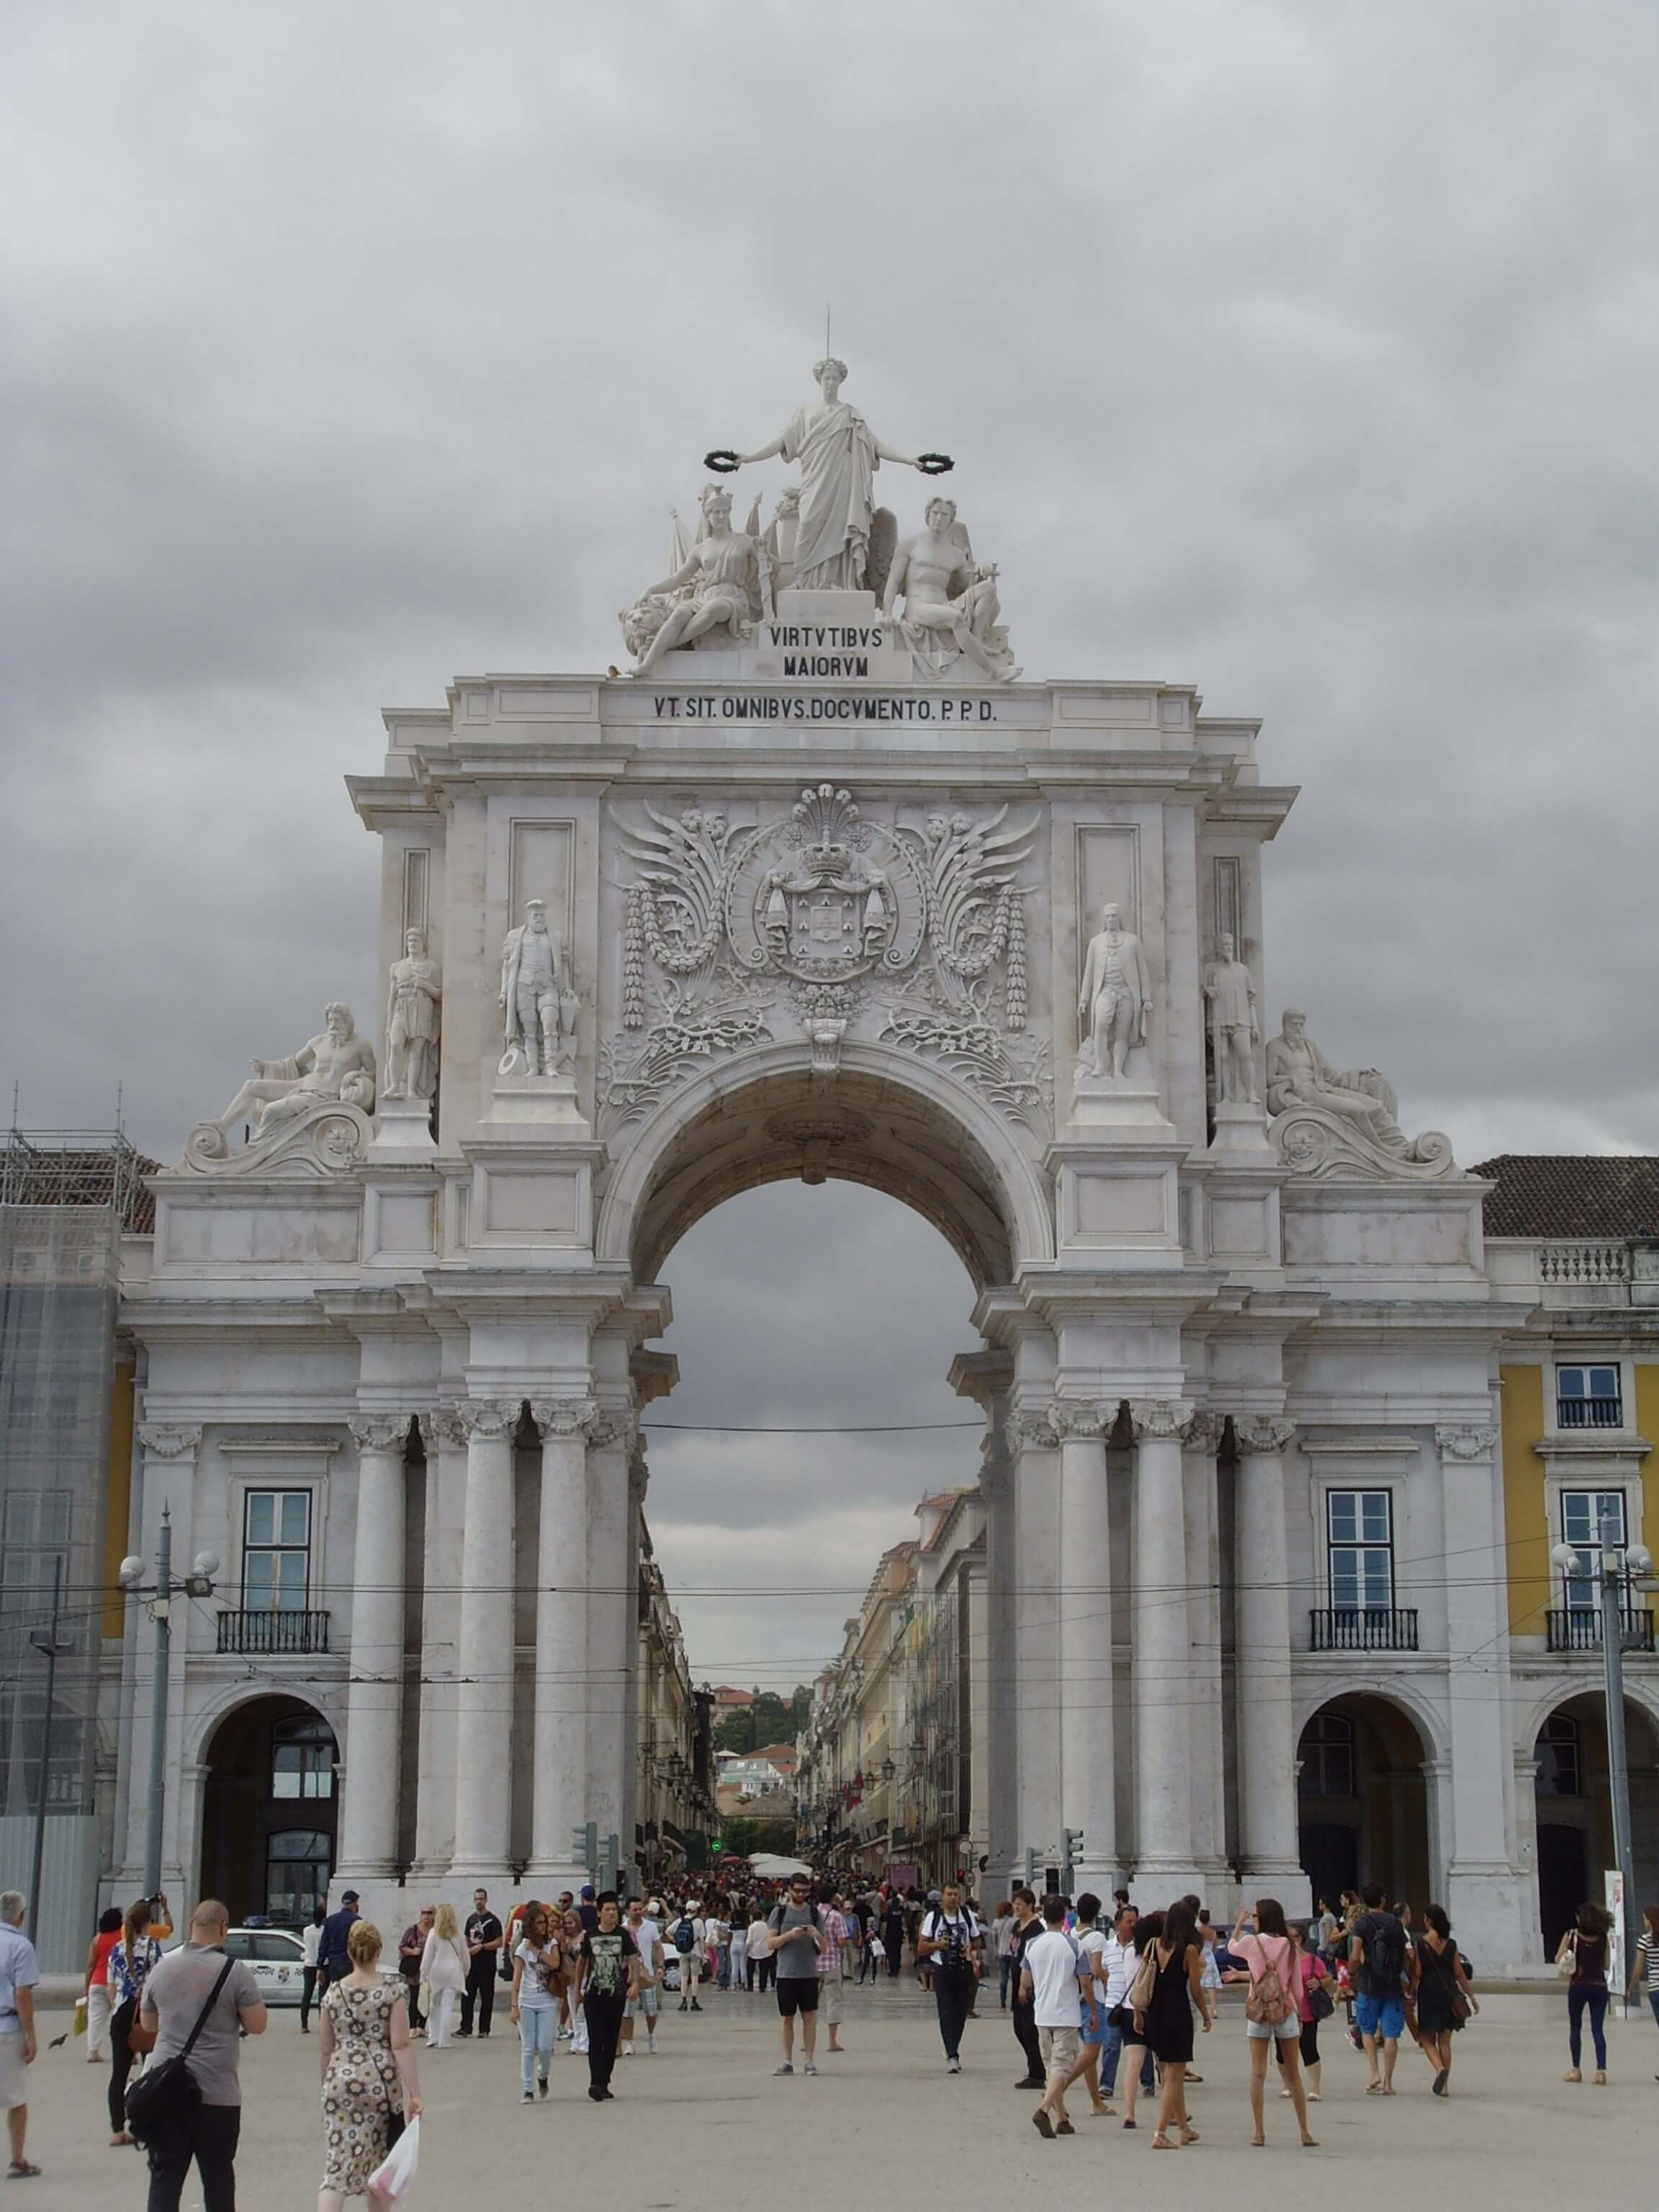 Rondreizen Portugal Lissabon stadspoort